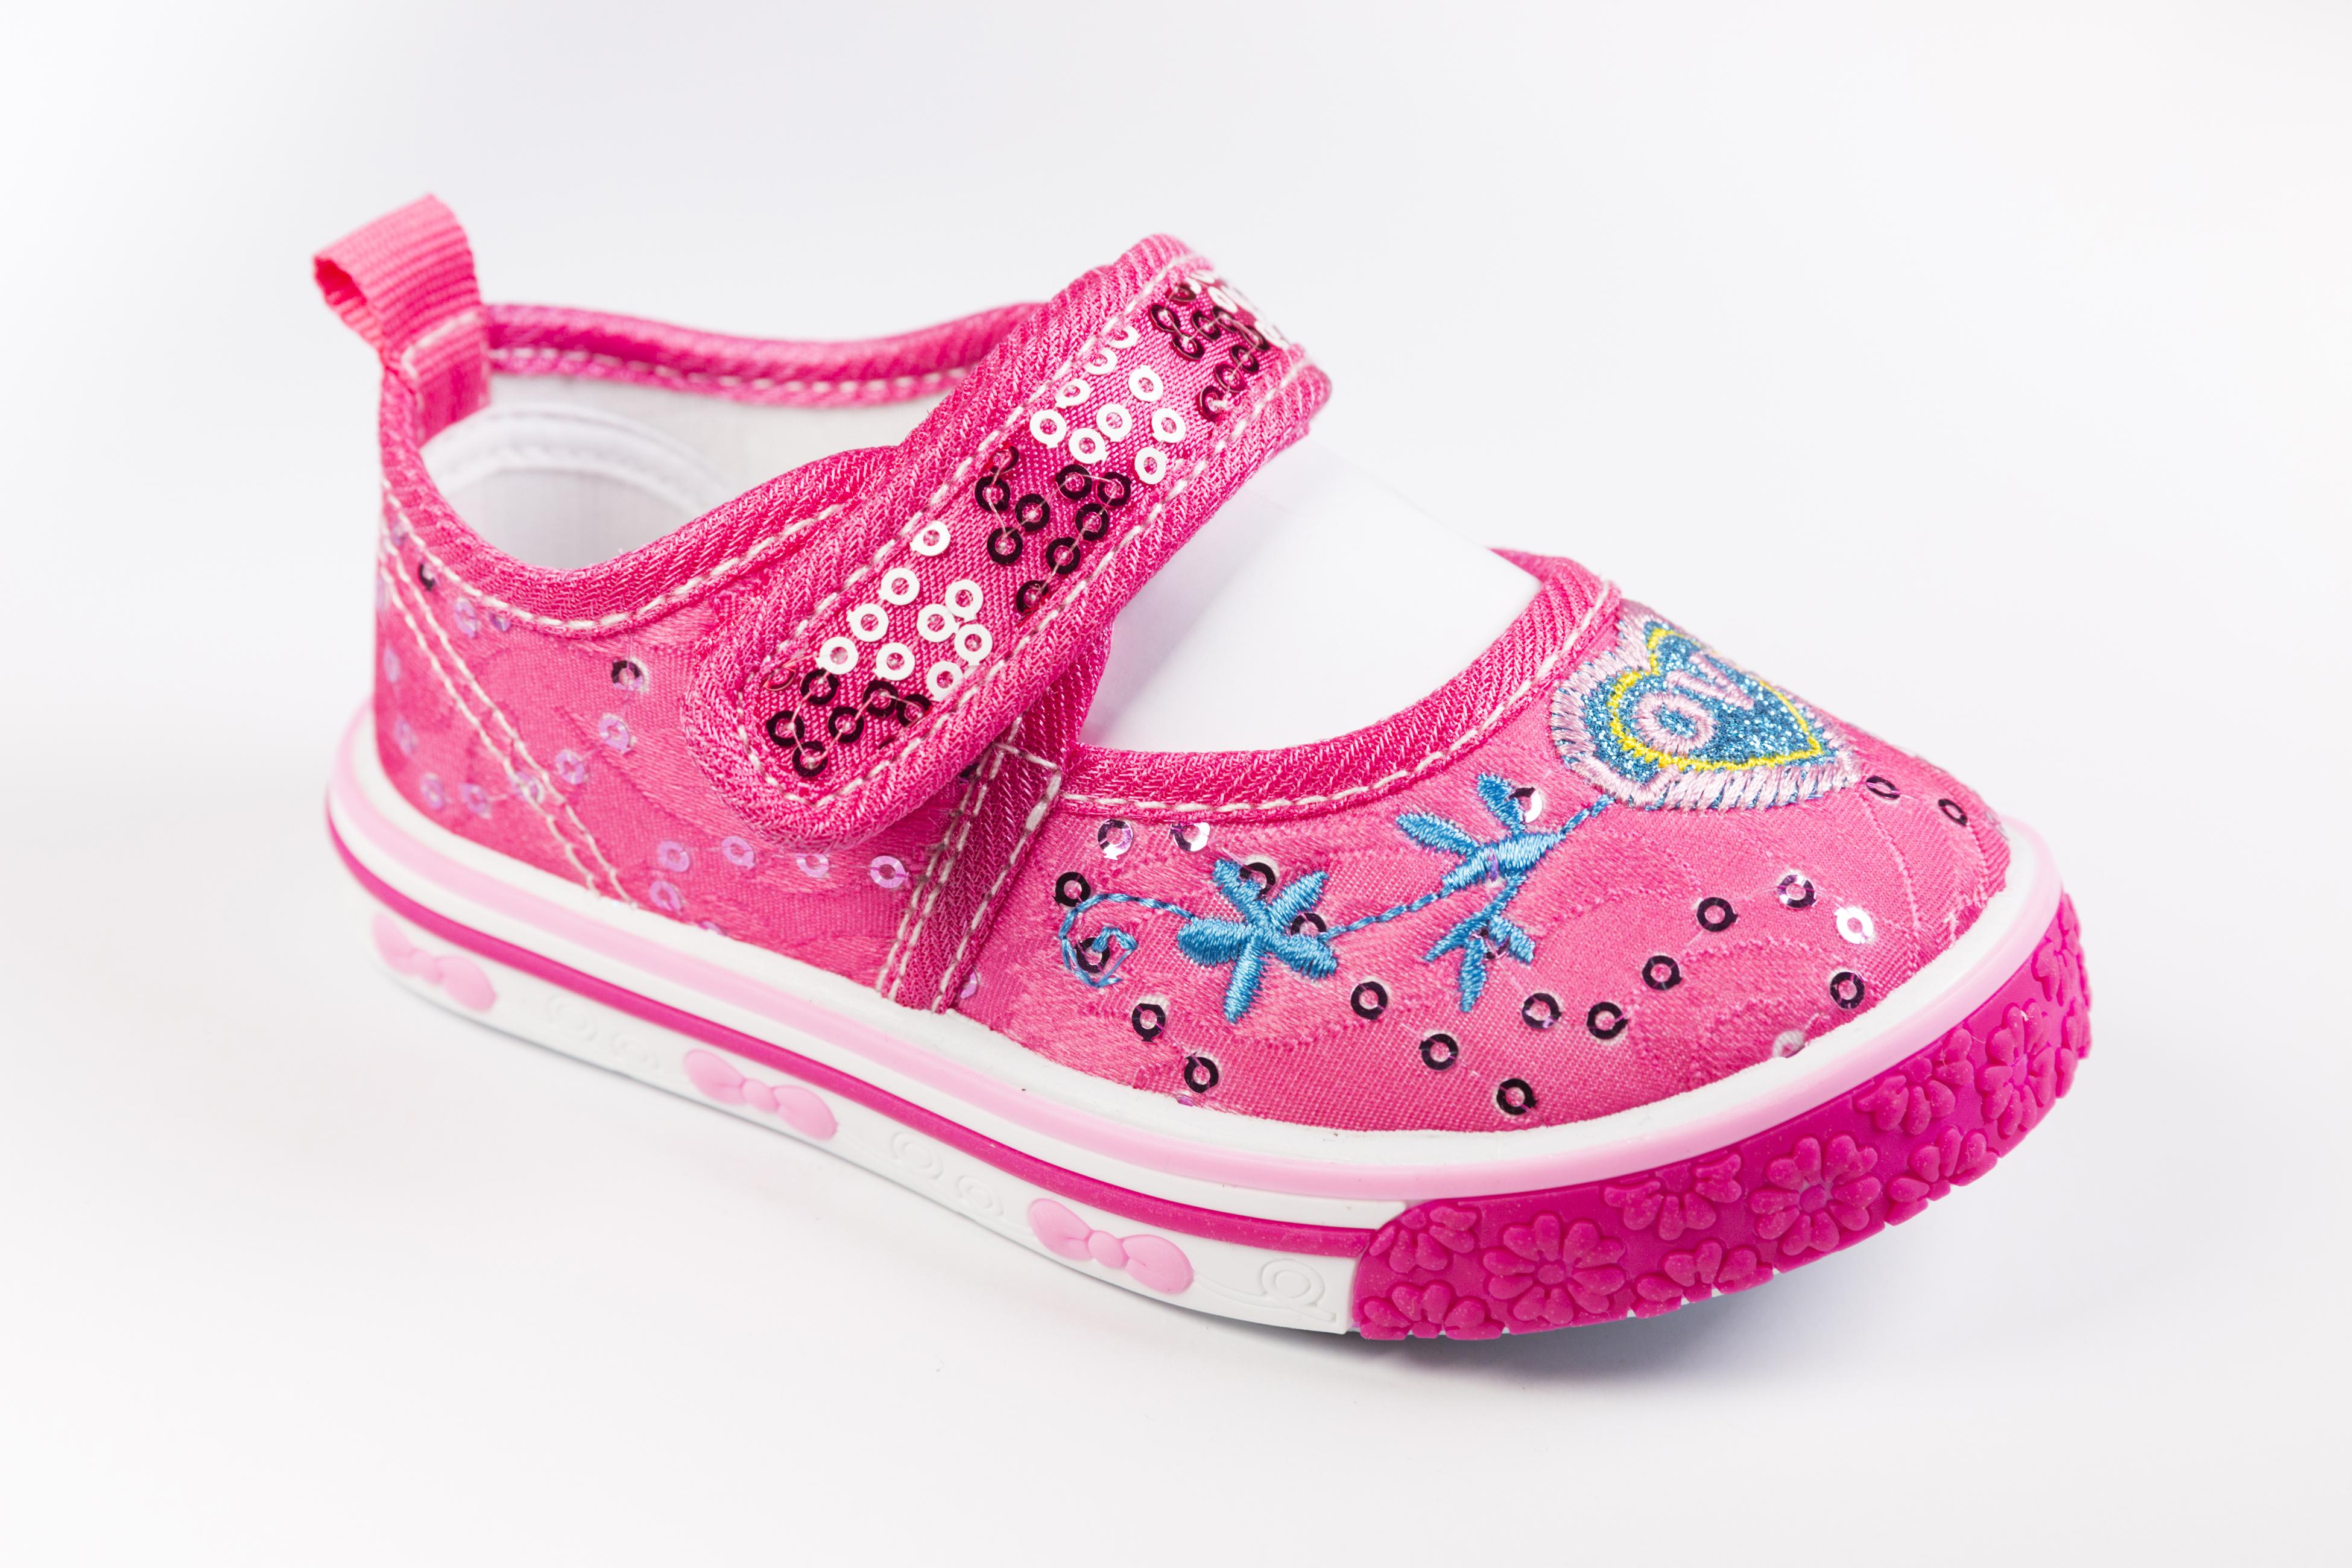 儿童低帮帆布鞋 精美男女童鞋  男女帆布鞋  儿童休闲布鞋